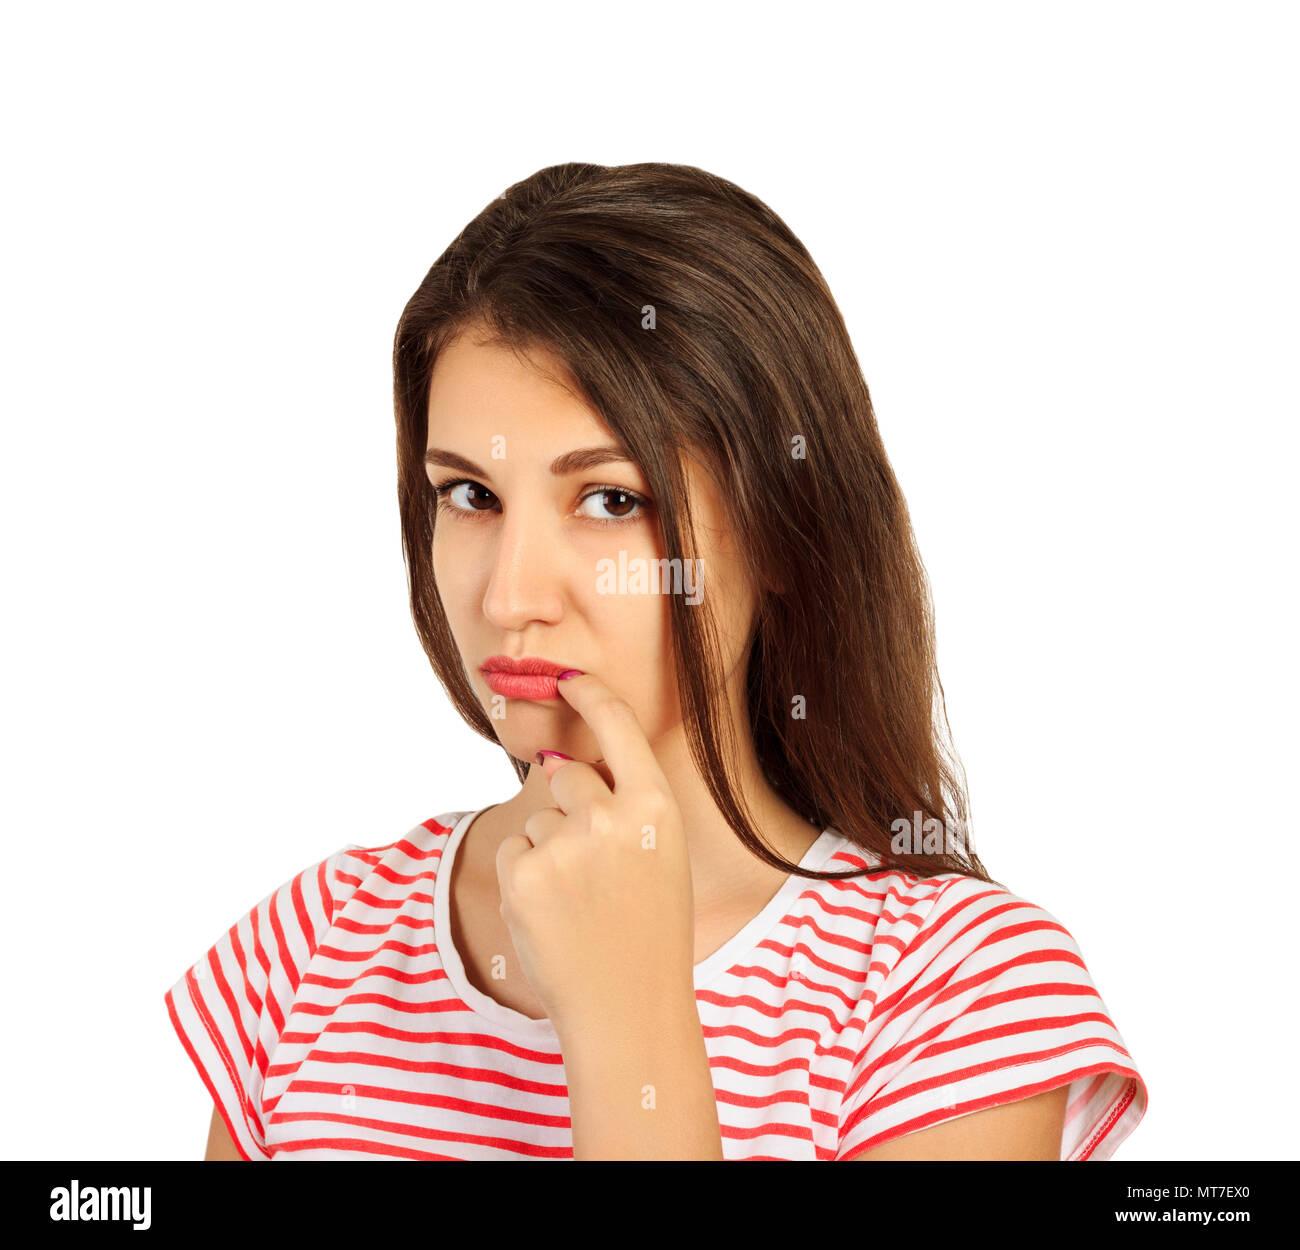 Peinlich junge Frau lacht Blick in die Kamera. emotionale Mädchen auf weißem Hintergrund. Stockbild